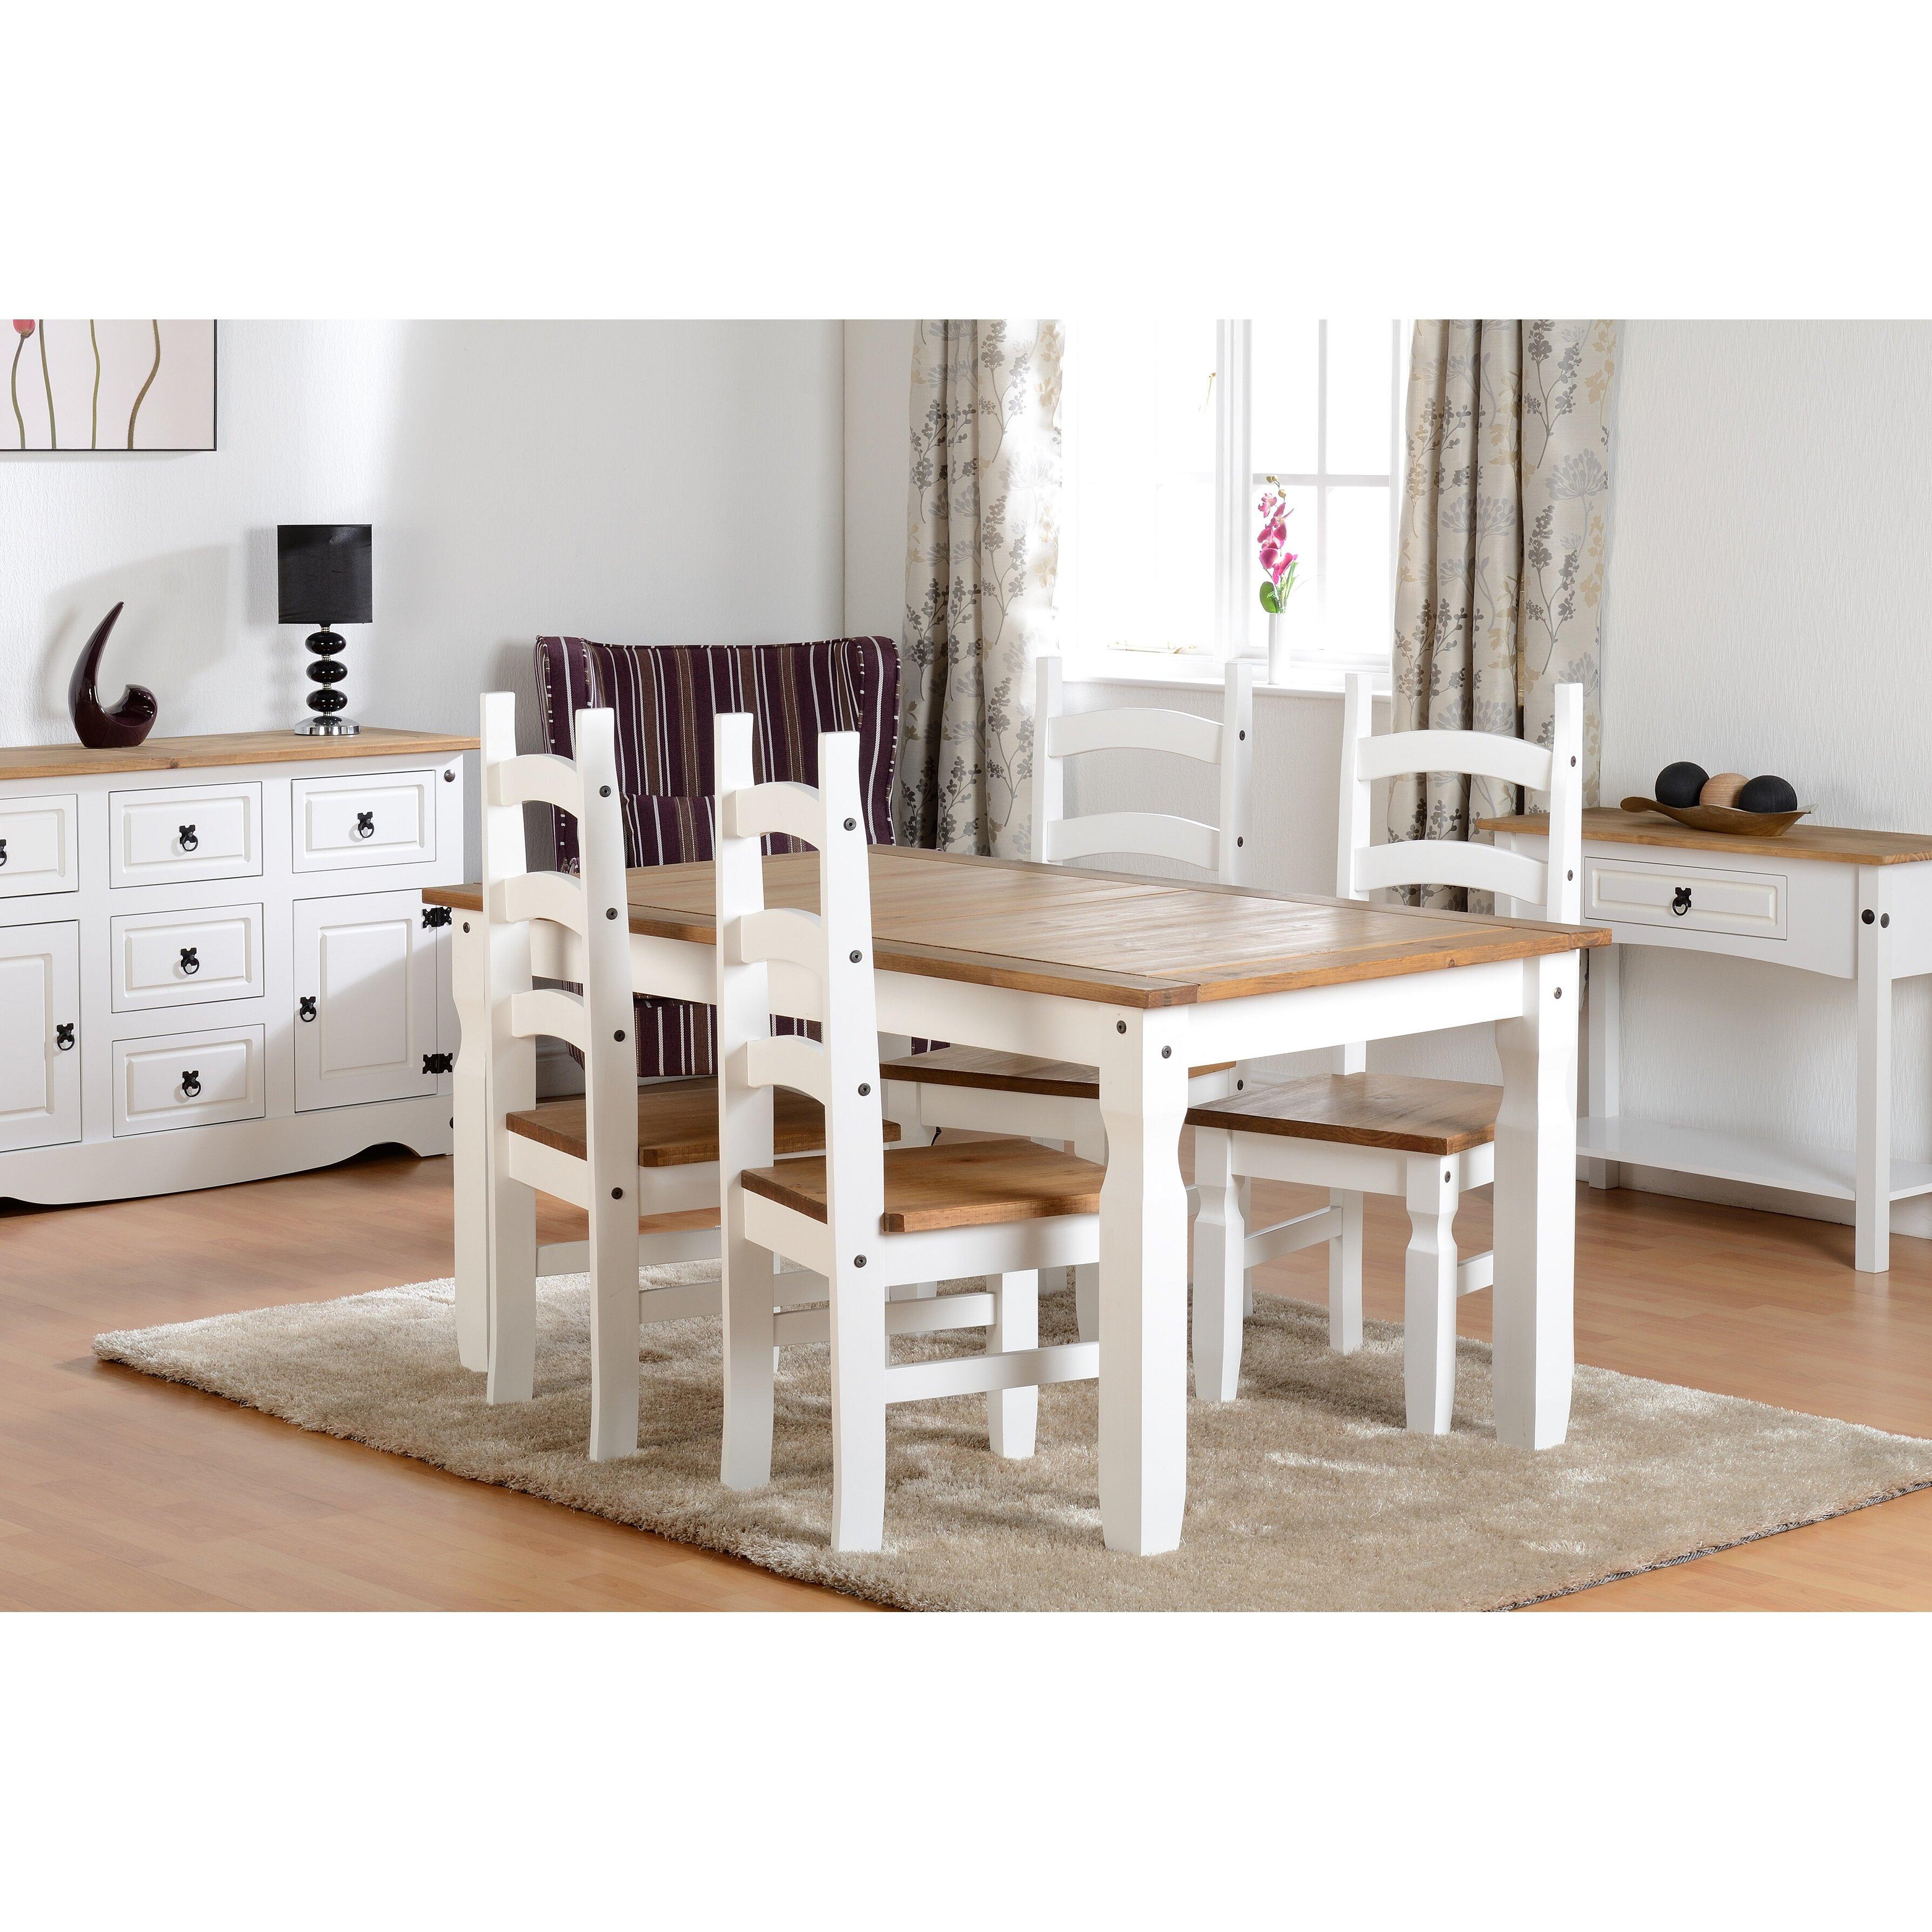 home loft concept 5 tlg essgruppe angelina bewertungen. Black Bedroom Furniture Sets. Home Design Ideas